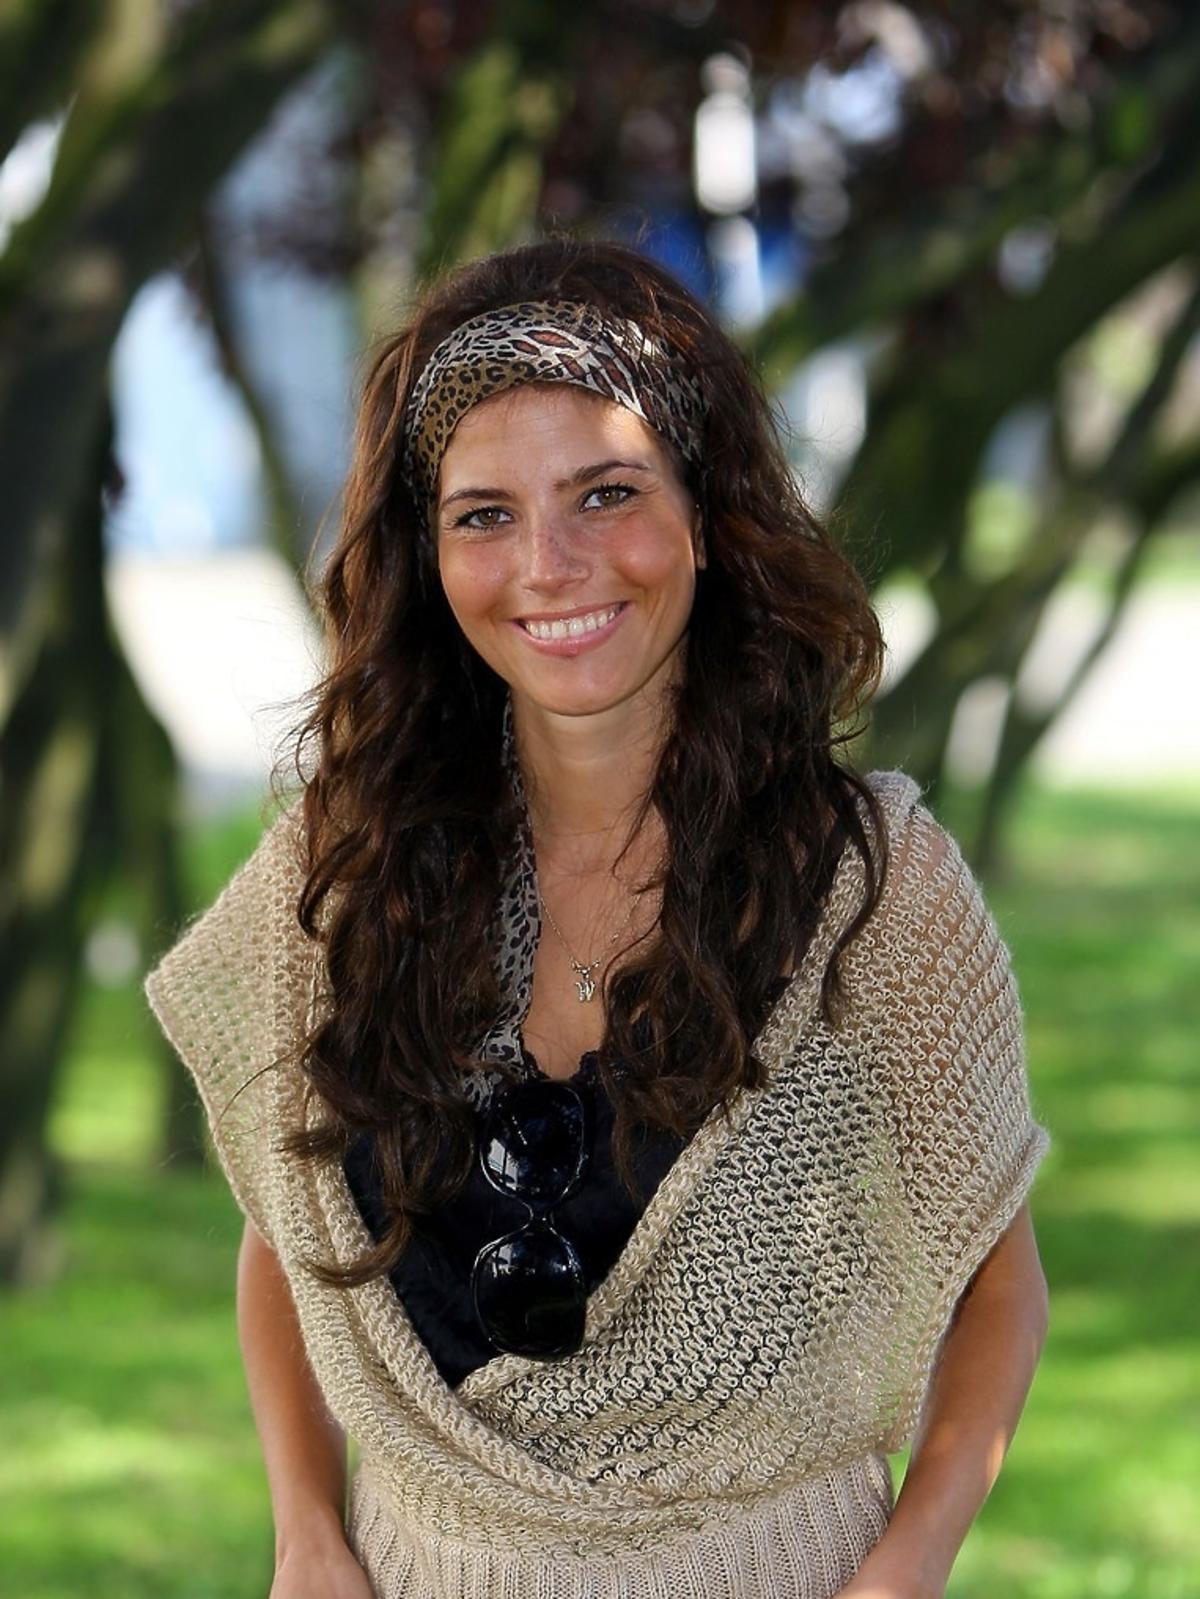 Weronika Rosati uśmiechnieta, pozuje na tle drzew